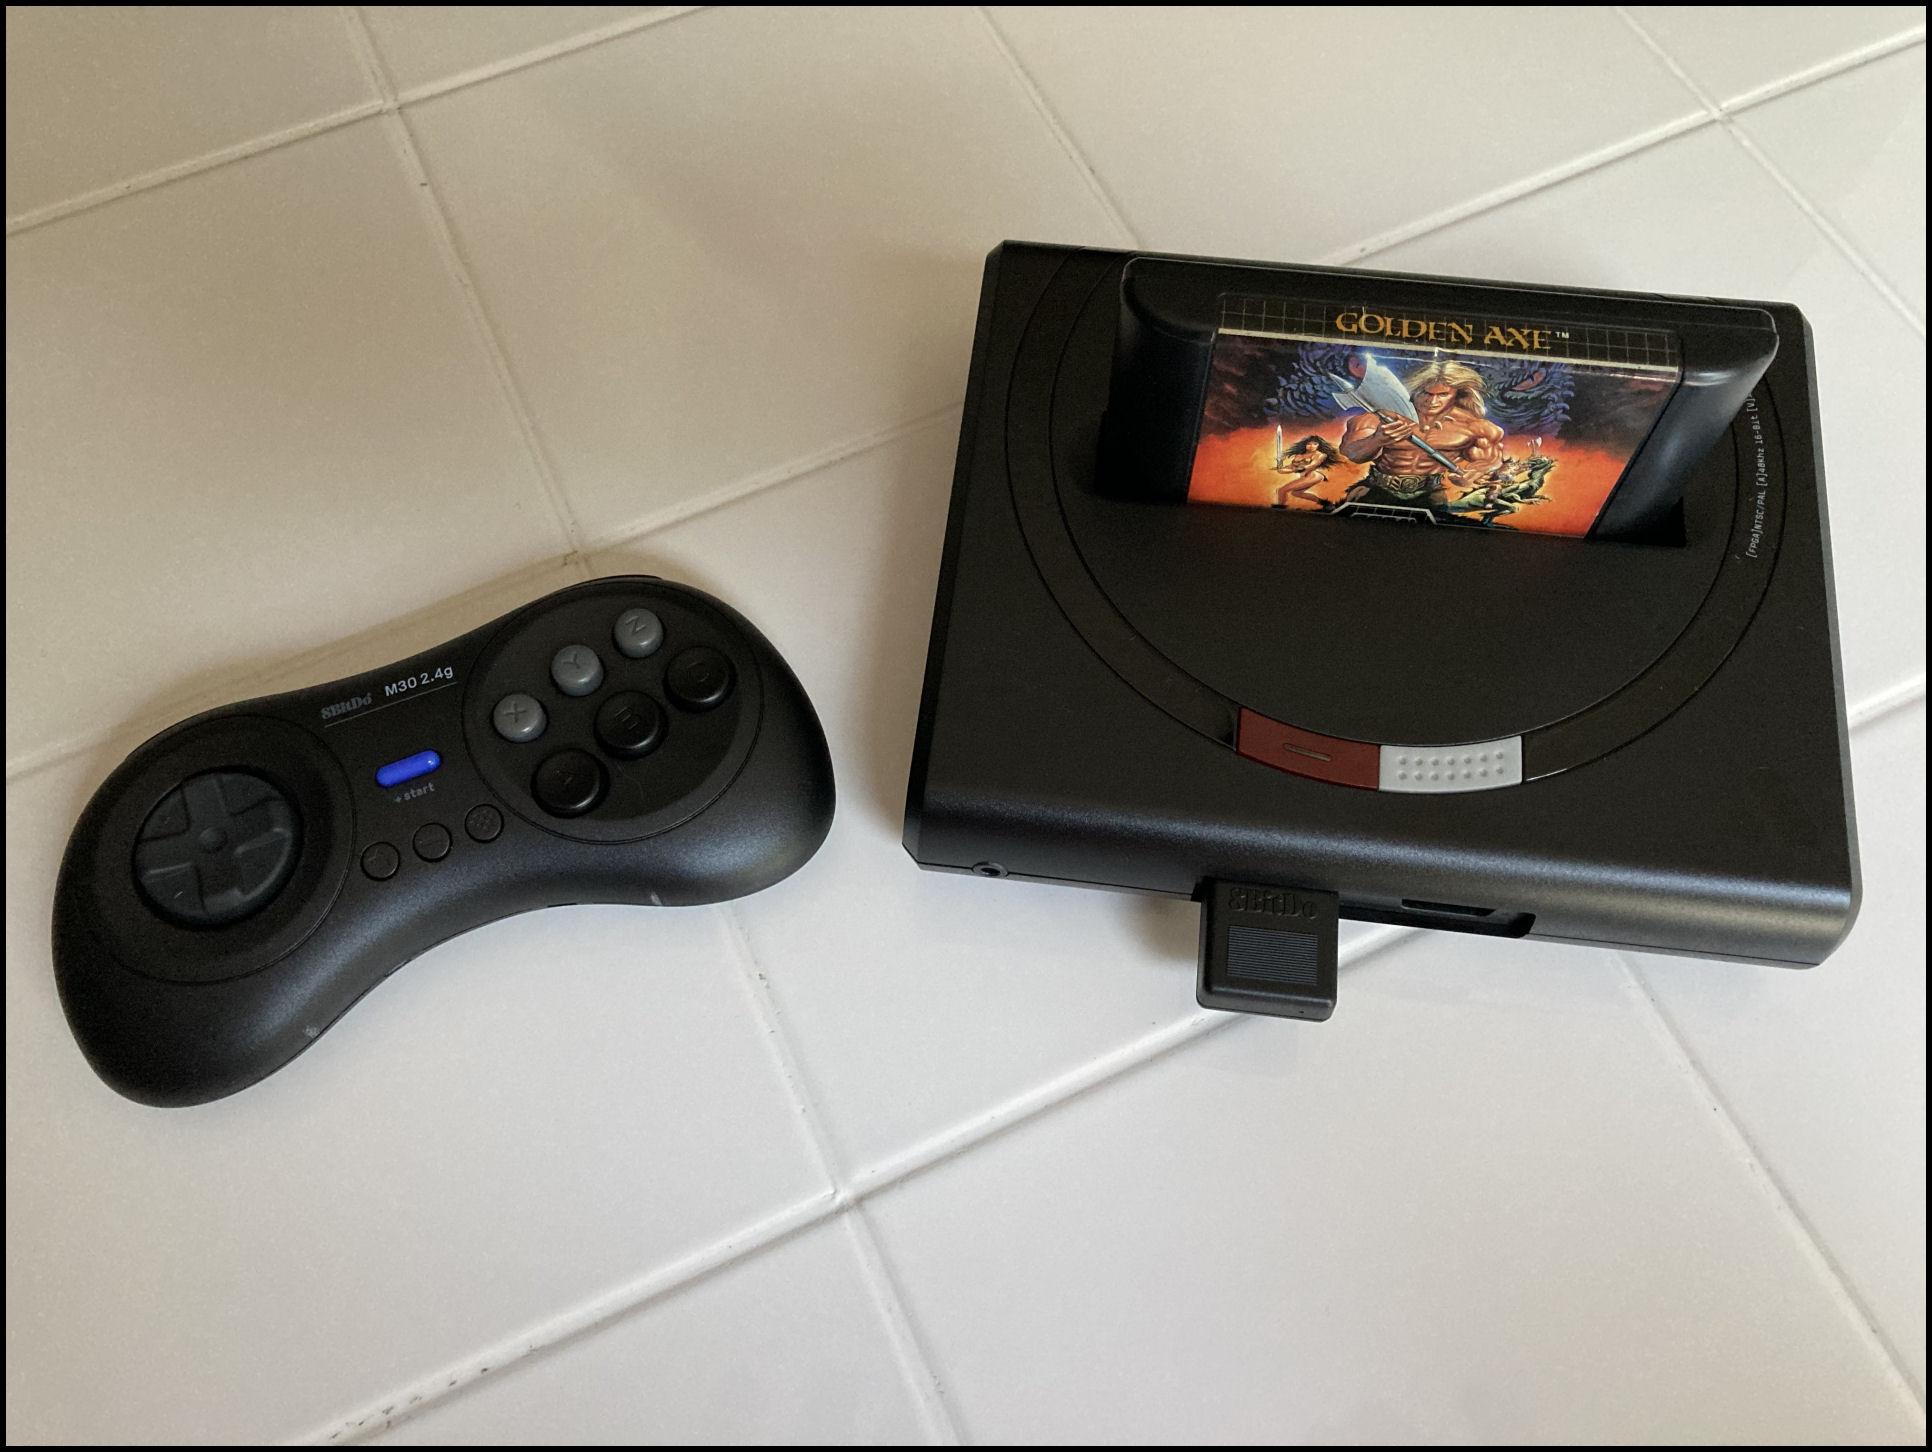 Analogue Mega SG with 8BitDo controller